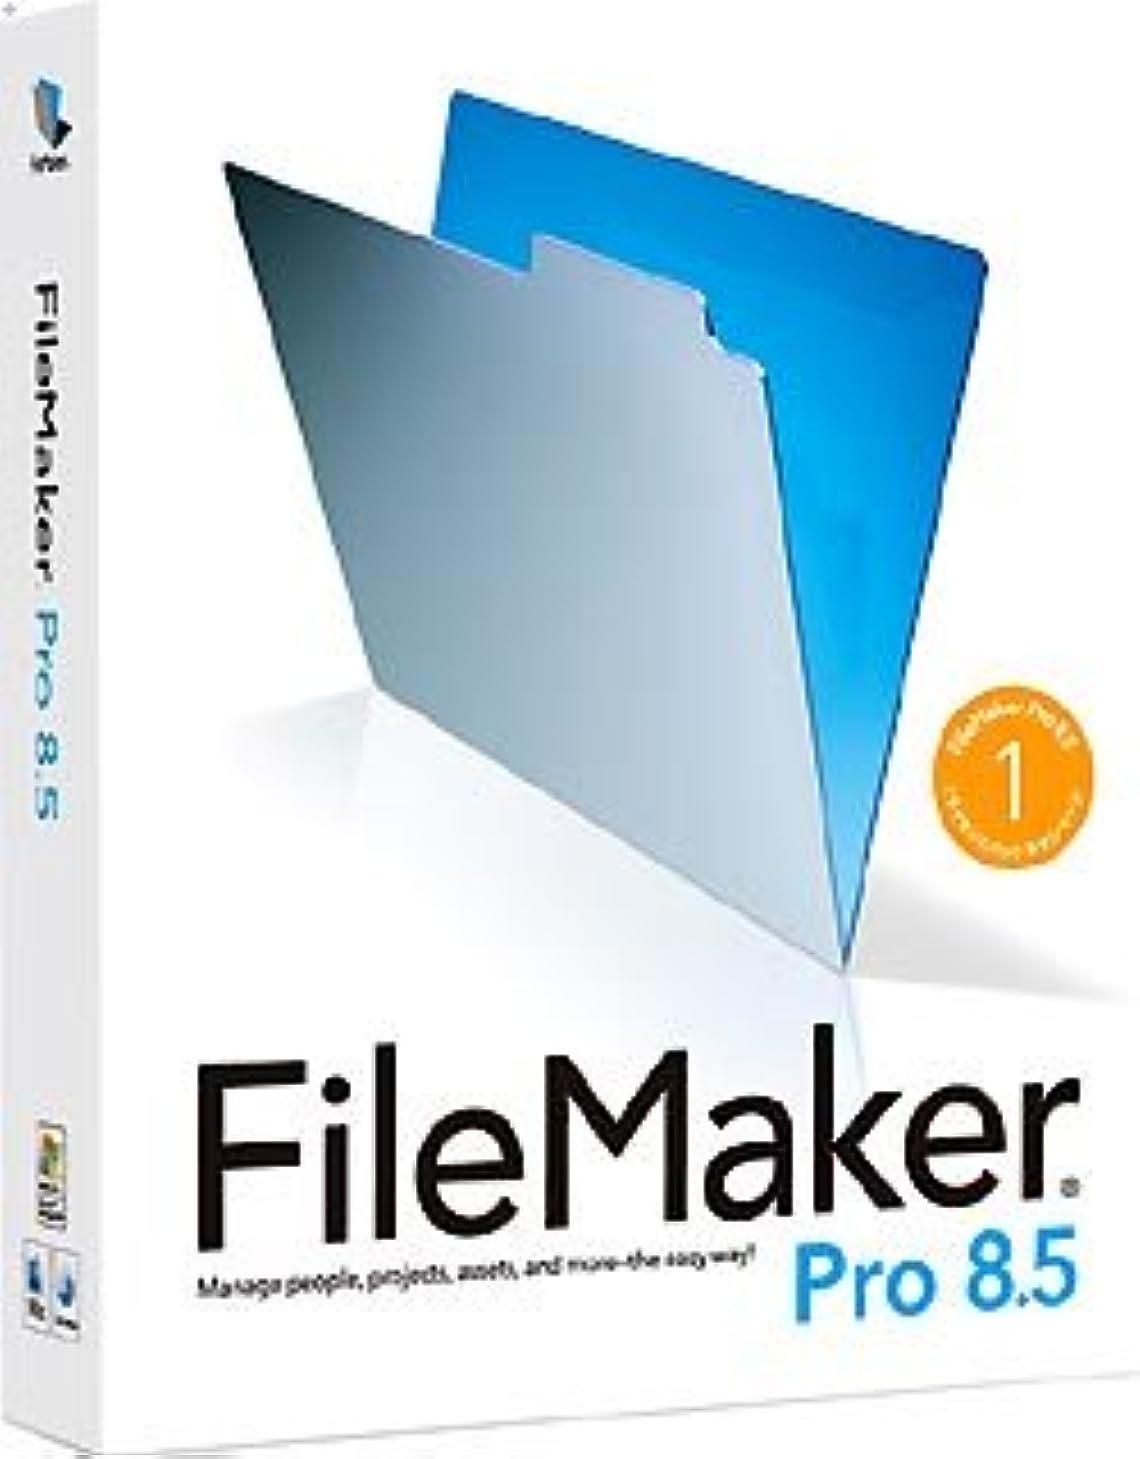 プレゼンテーション実験室ベットFileMaker Pro 8.5 1License Pack キャンペーン版